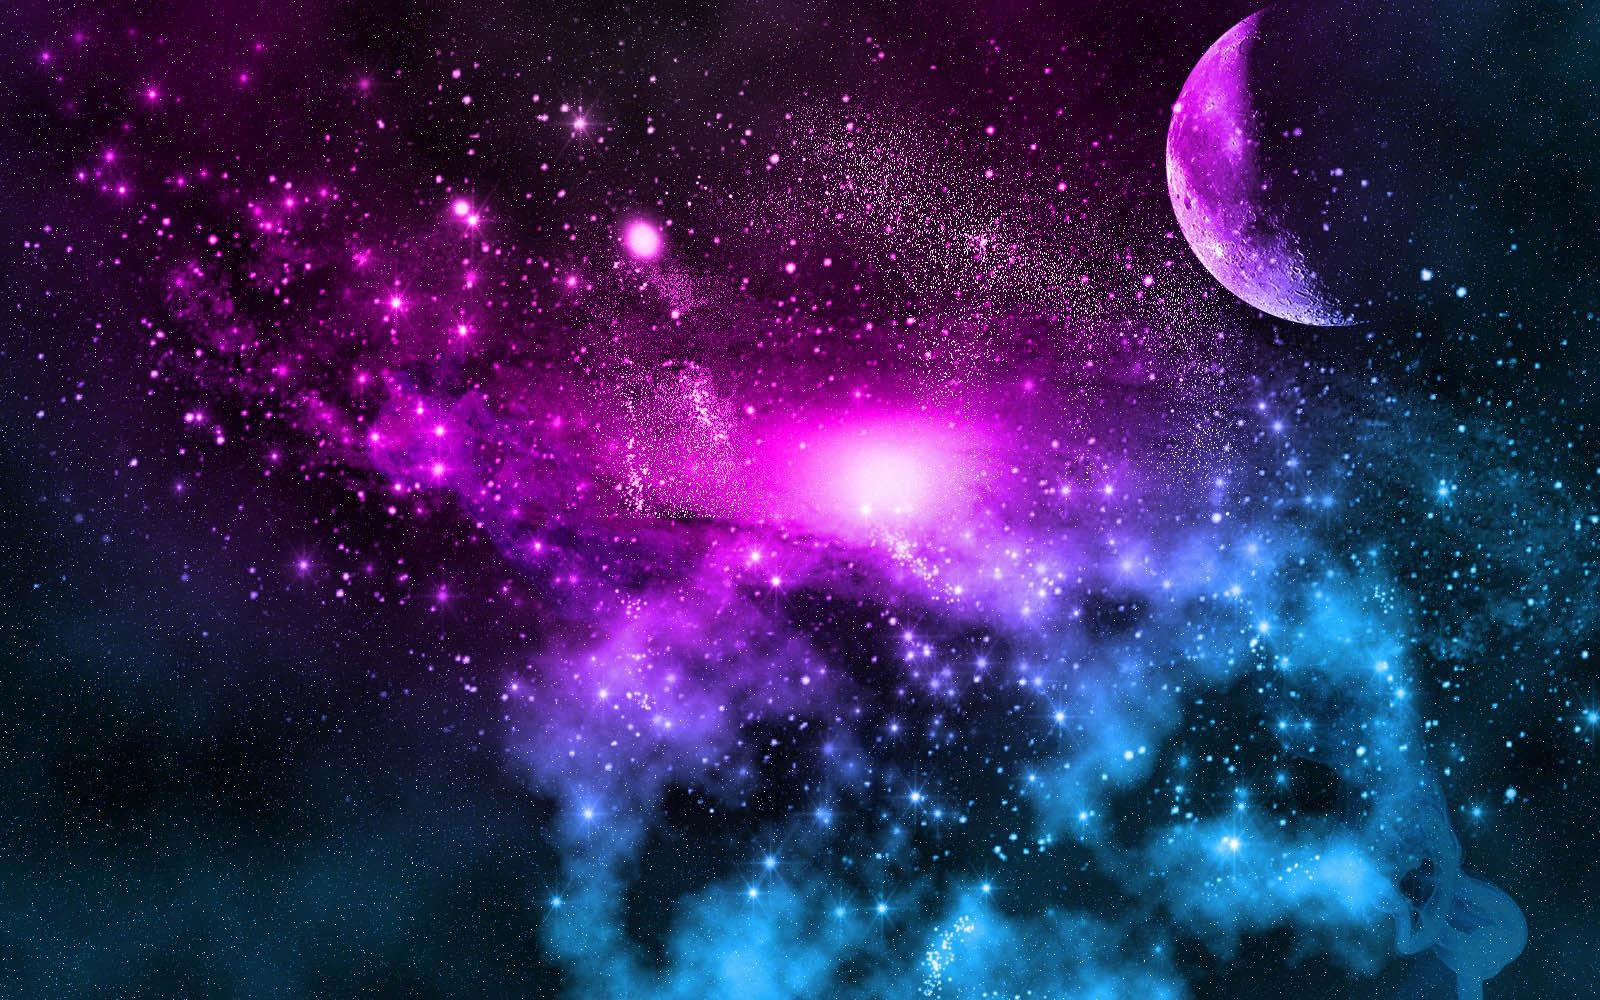 Beautiful Moon Galaxy Wallpaper Hd   1600x1000 iWallHD   Wallpaper HD 1600x1000